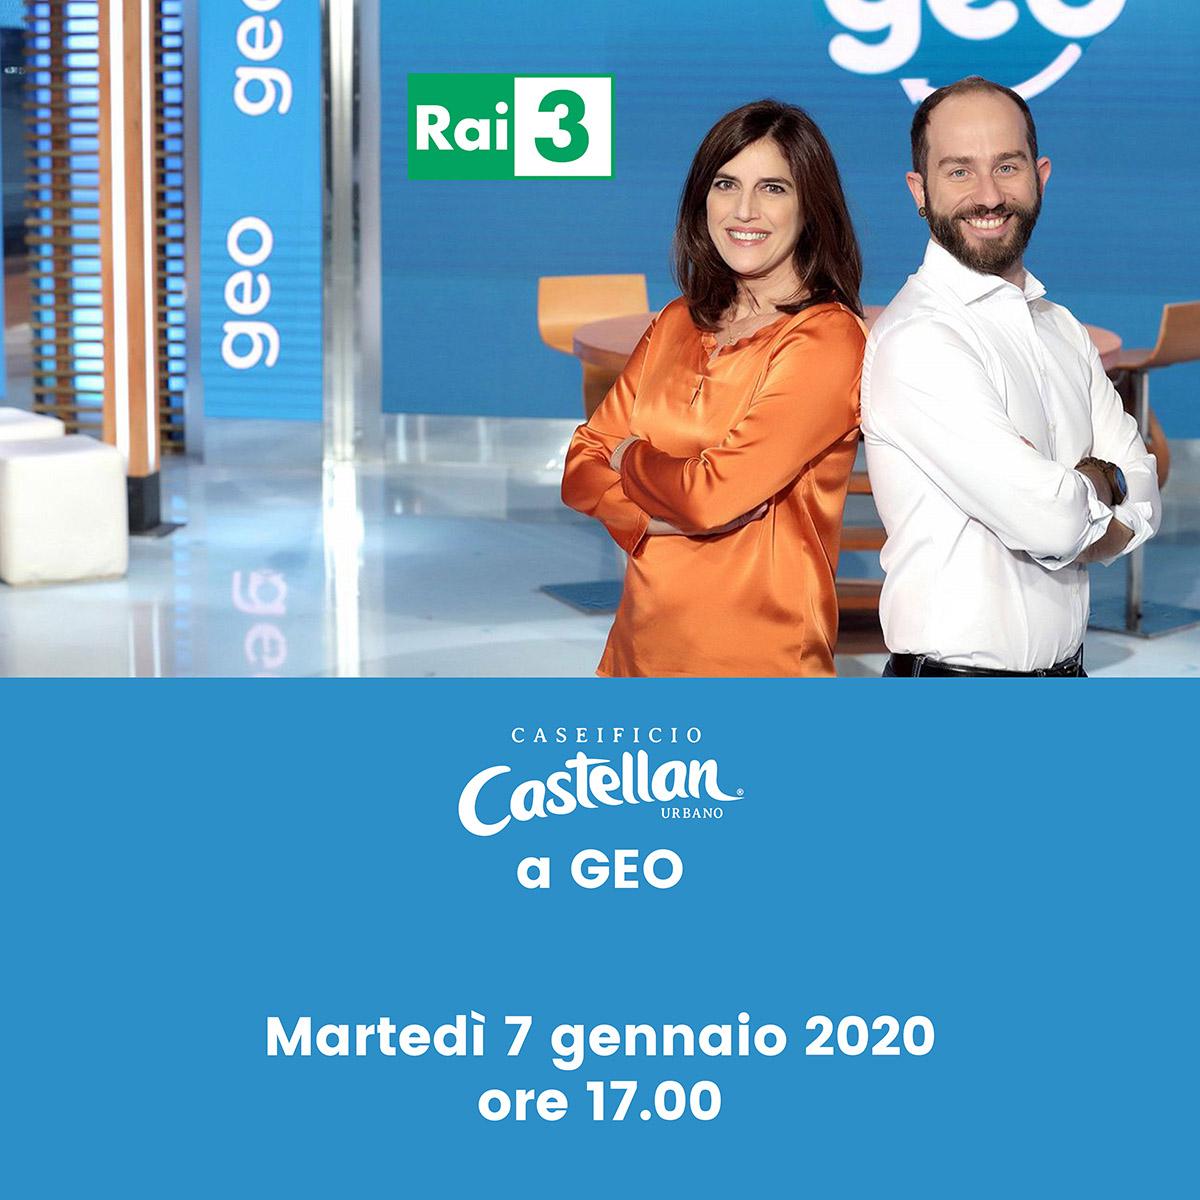 GEO Caseificio castellan Rai3